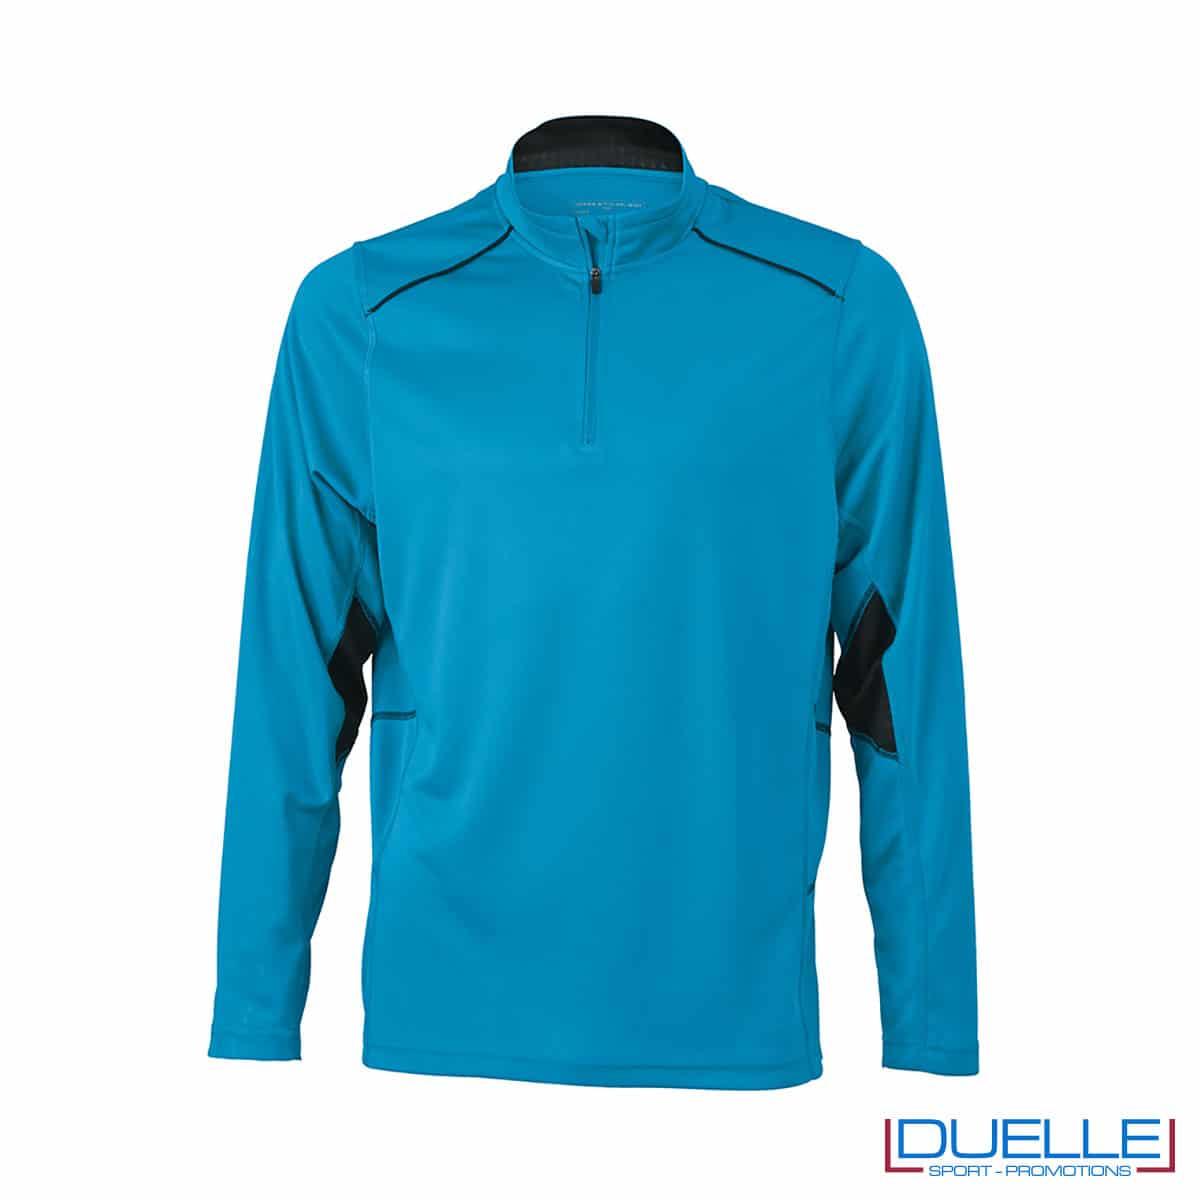 Maglia running con zip uomo colore azzurro personalizzata